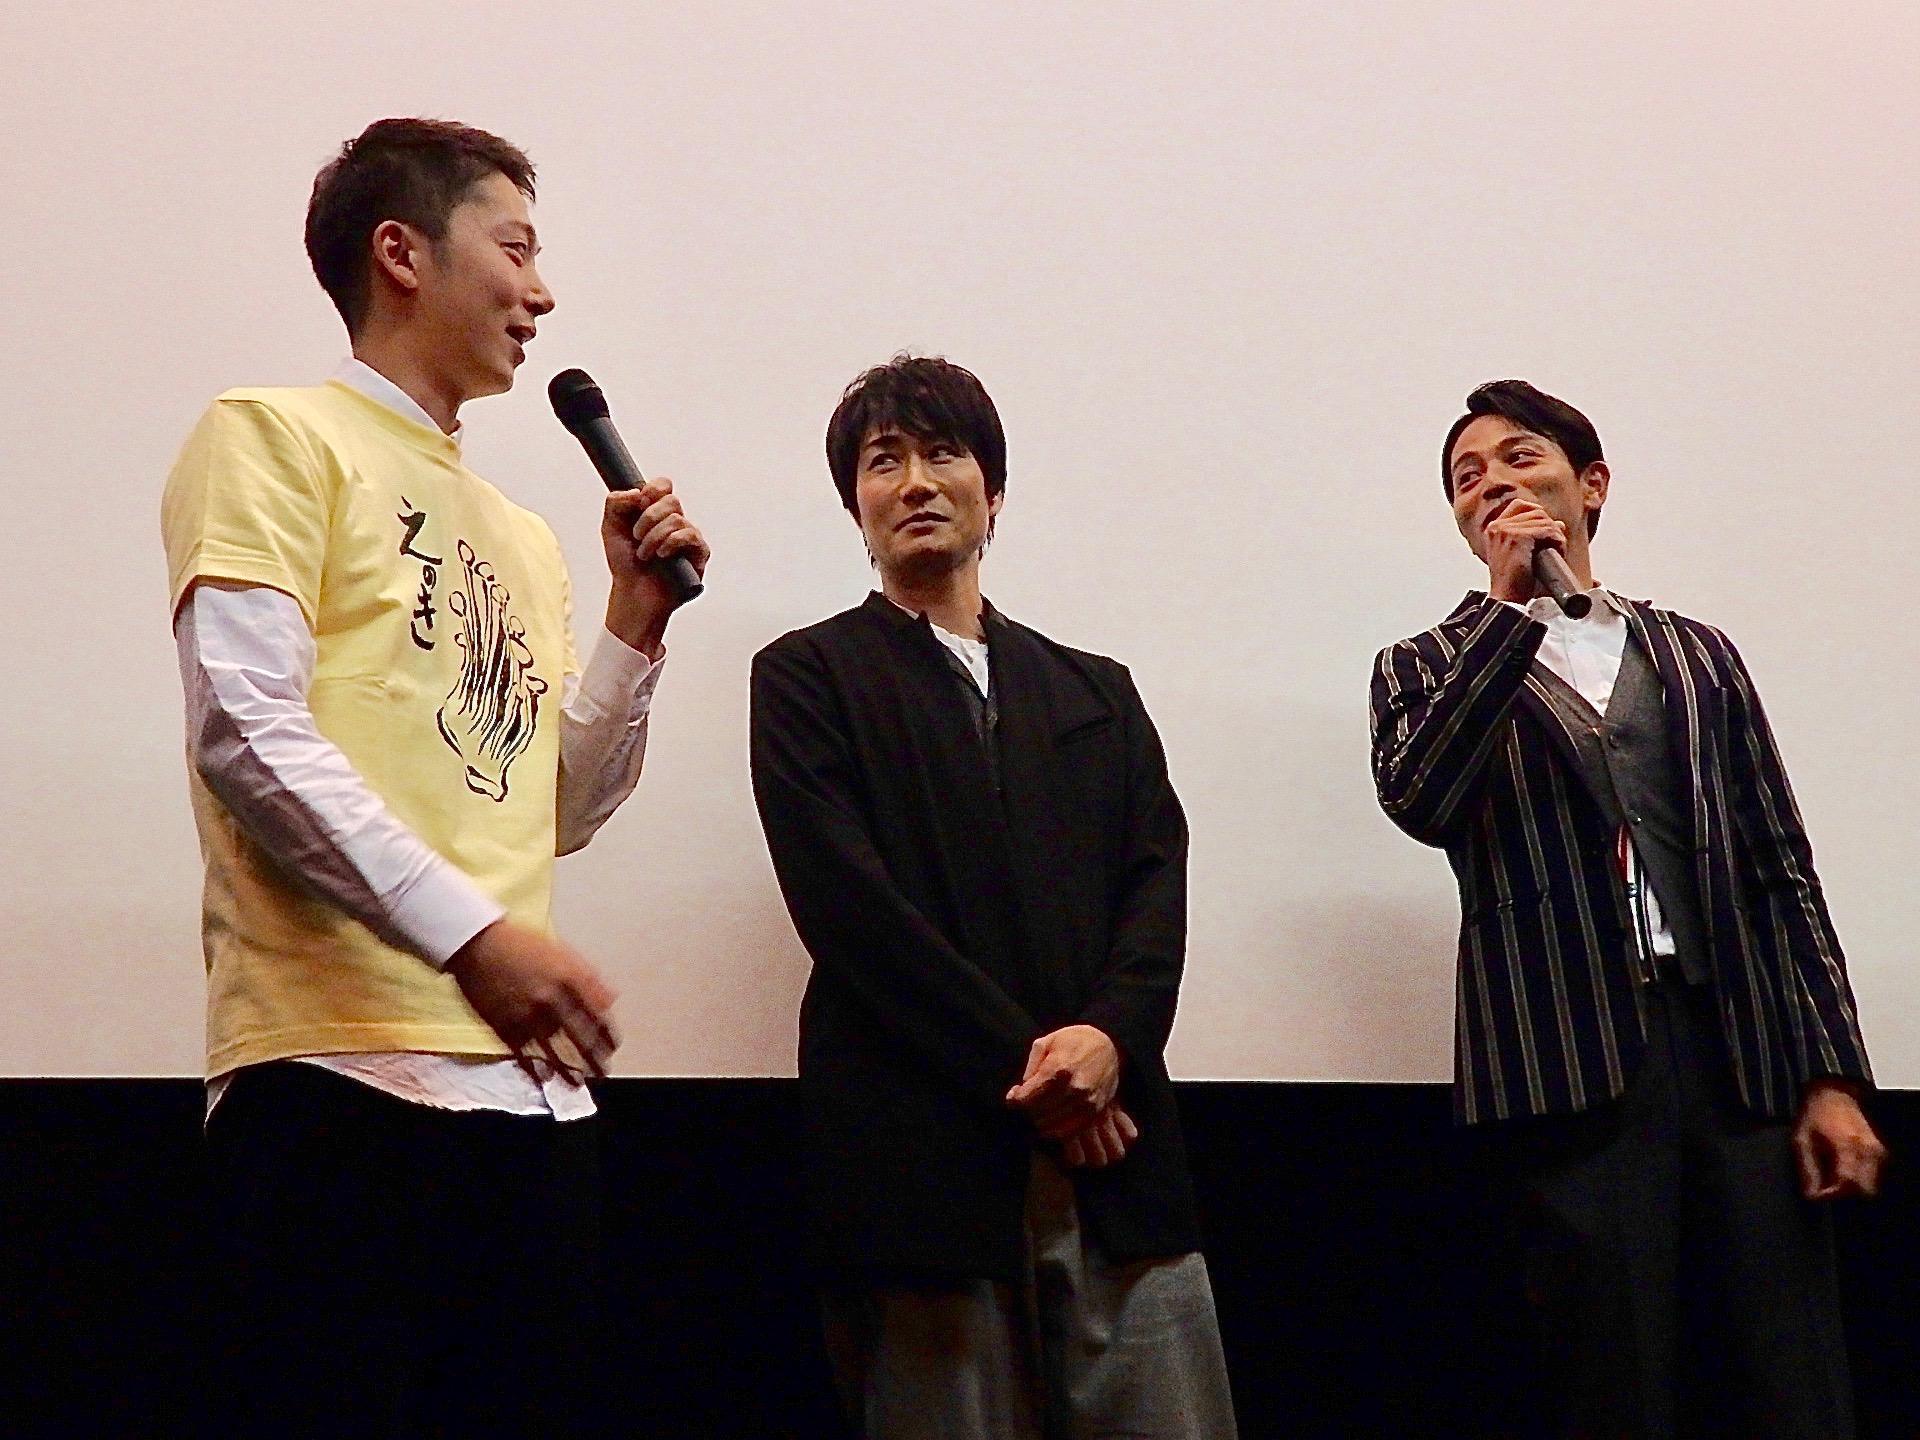 http://news.yoshimoto.co.jp/20171112002503-58b311d3b34ec85329925aaefe6151b686a73431.jpg